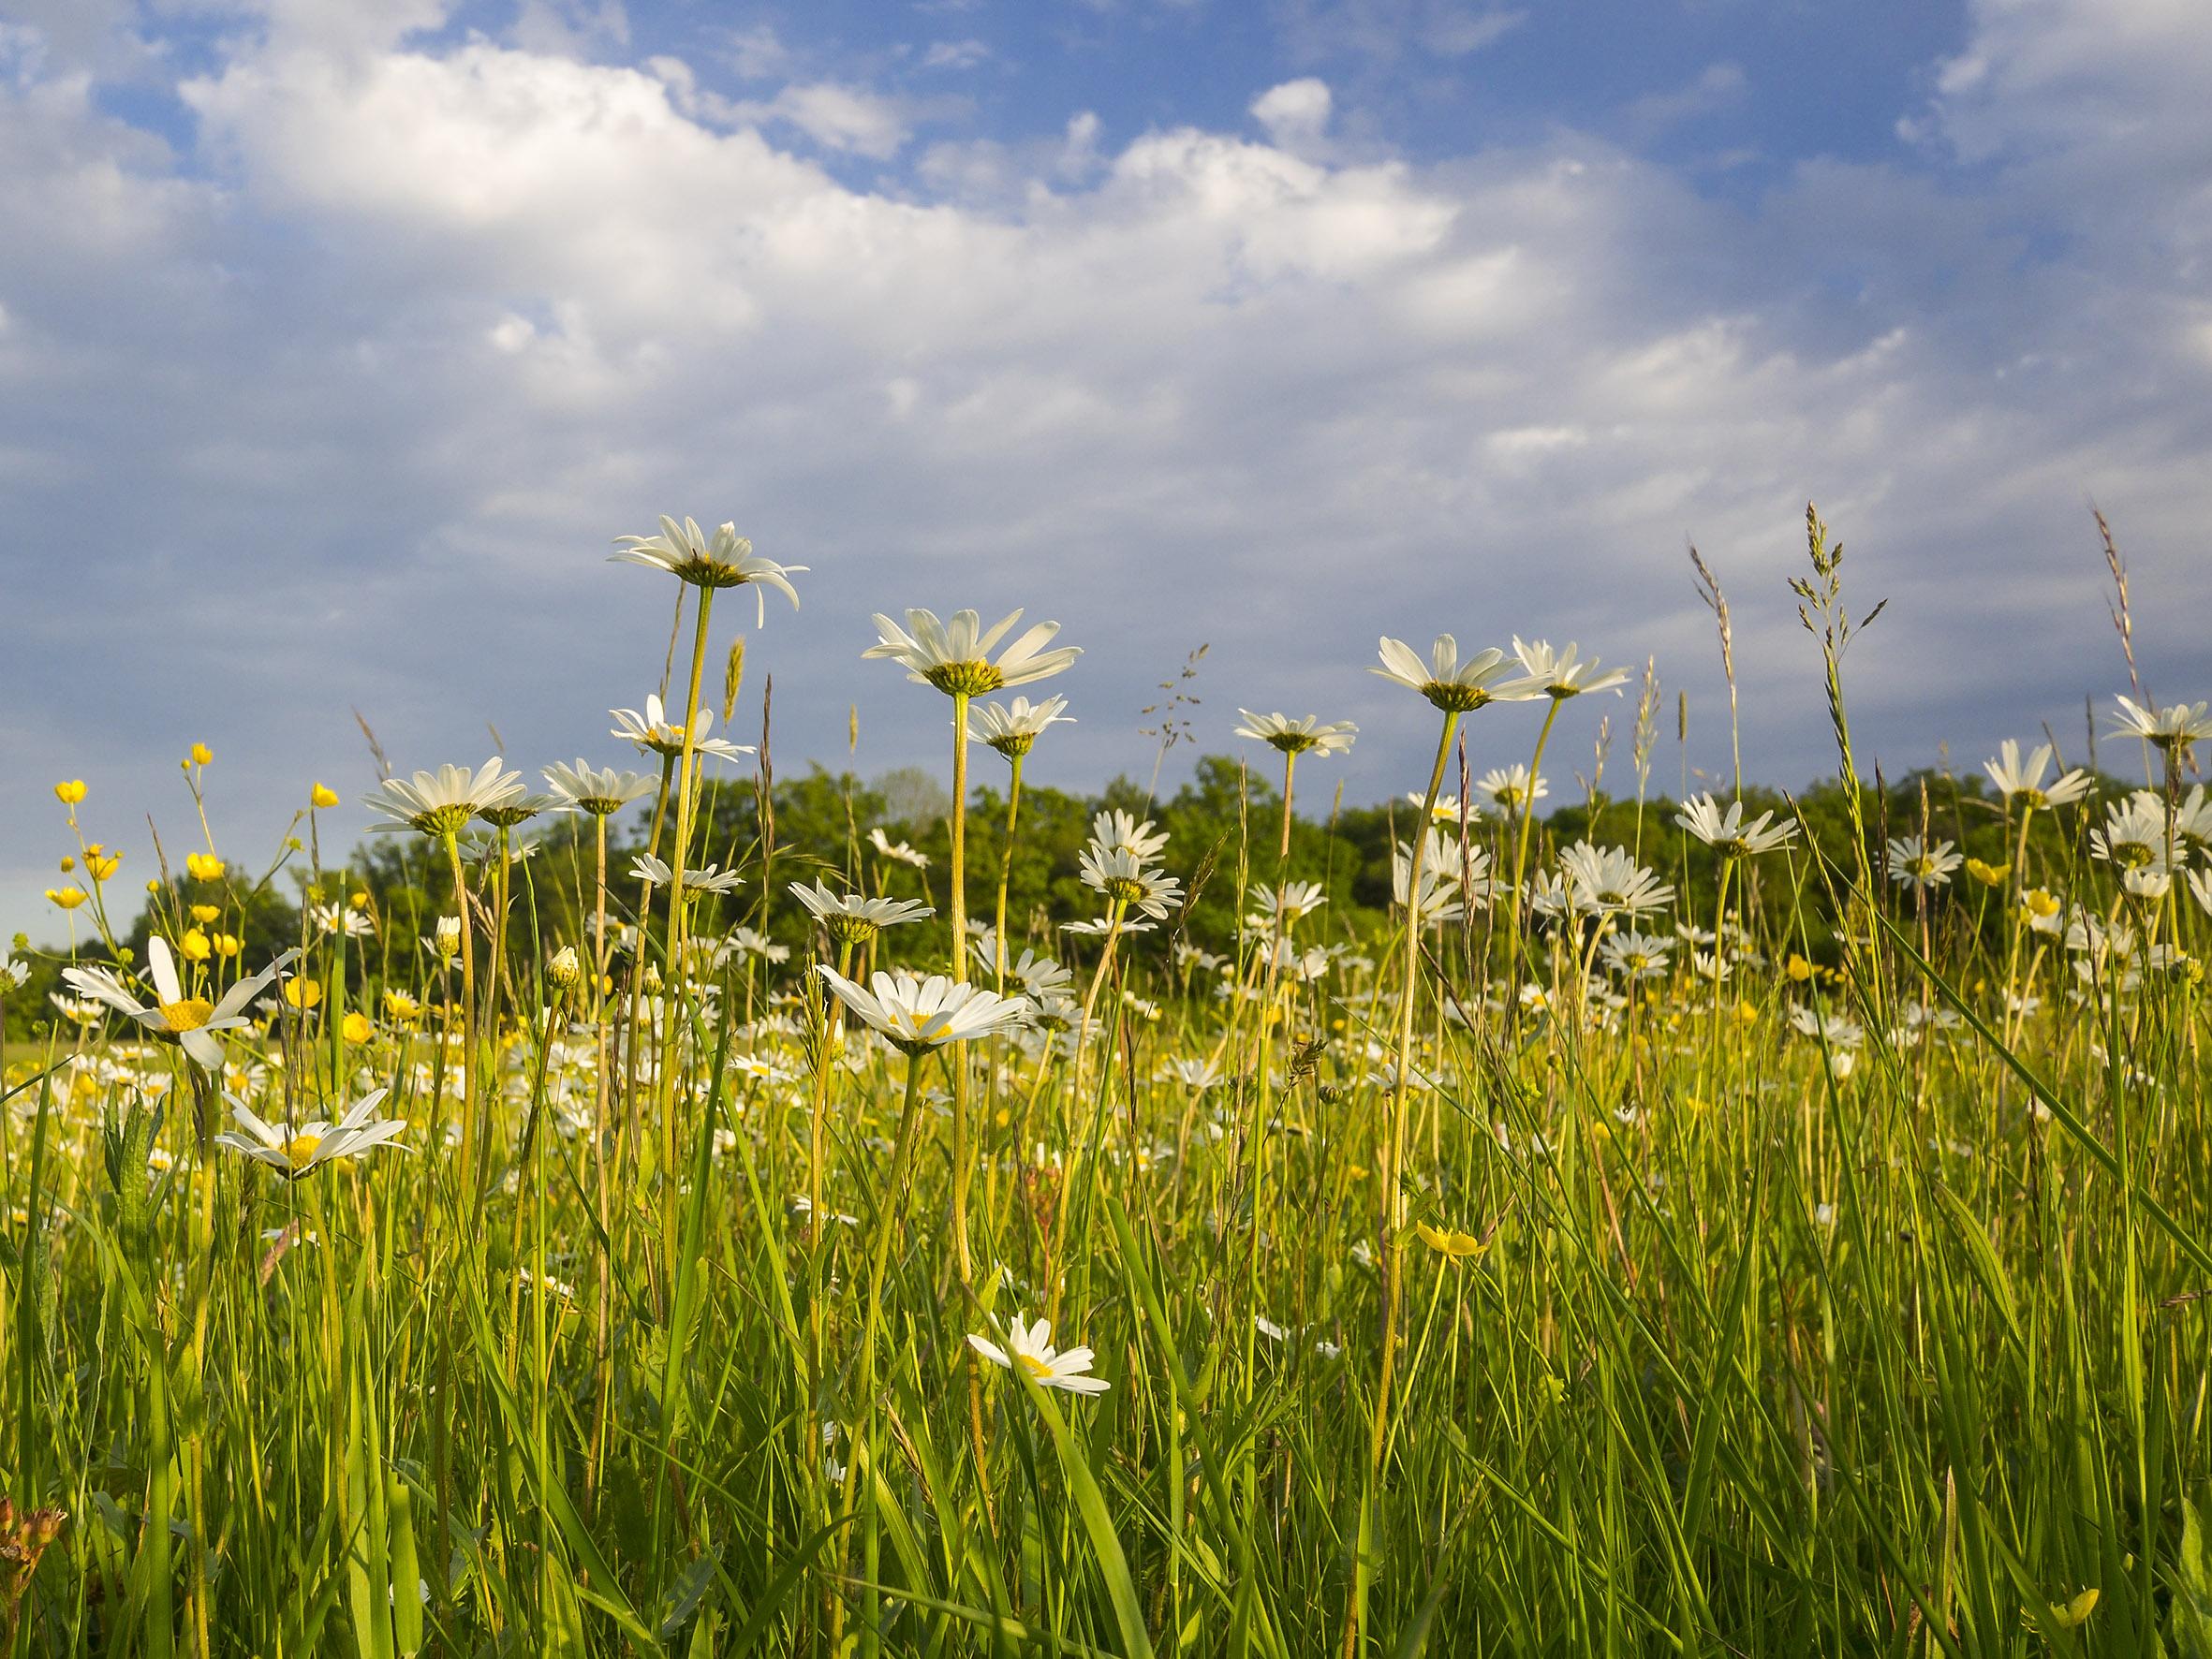 Magere Flachlandmähwiese - Aspekt mit Magerwiesen-Magerite, am Steigerwald-Trauf südwestlich von Würzburg. Foto: R. Günter.